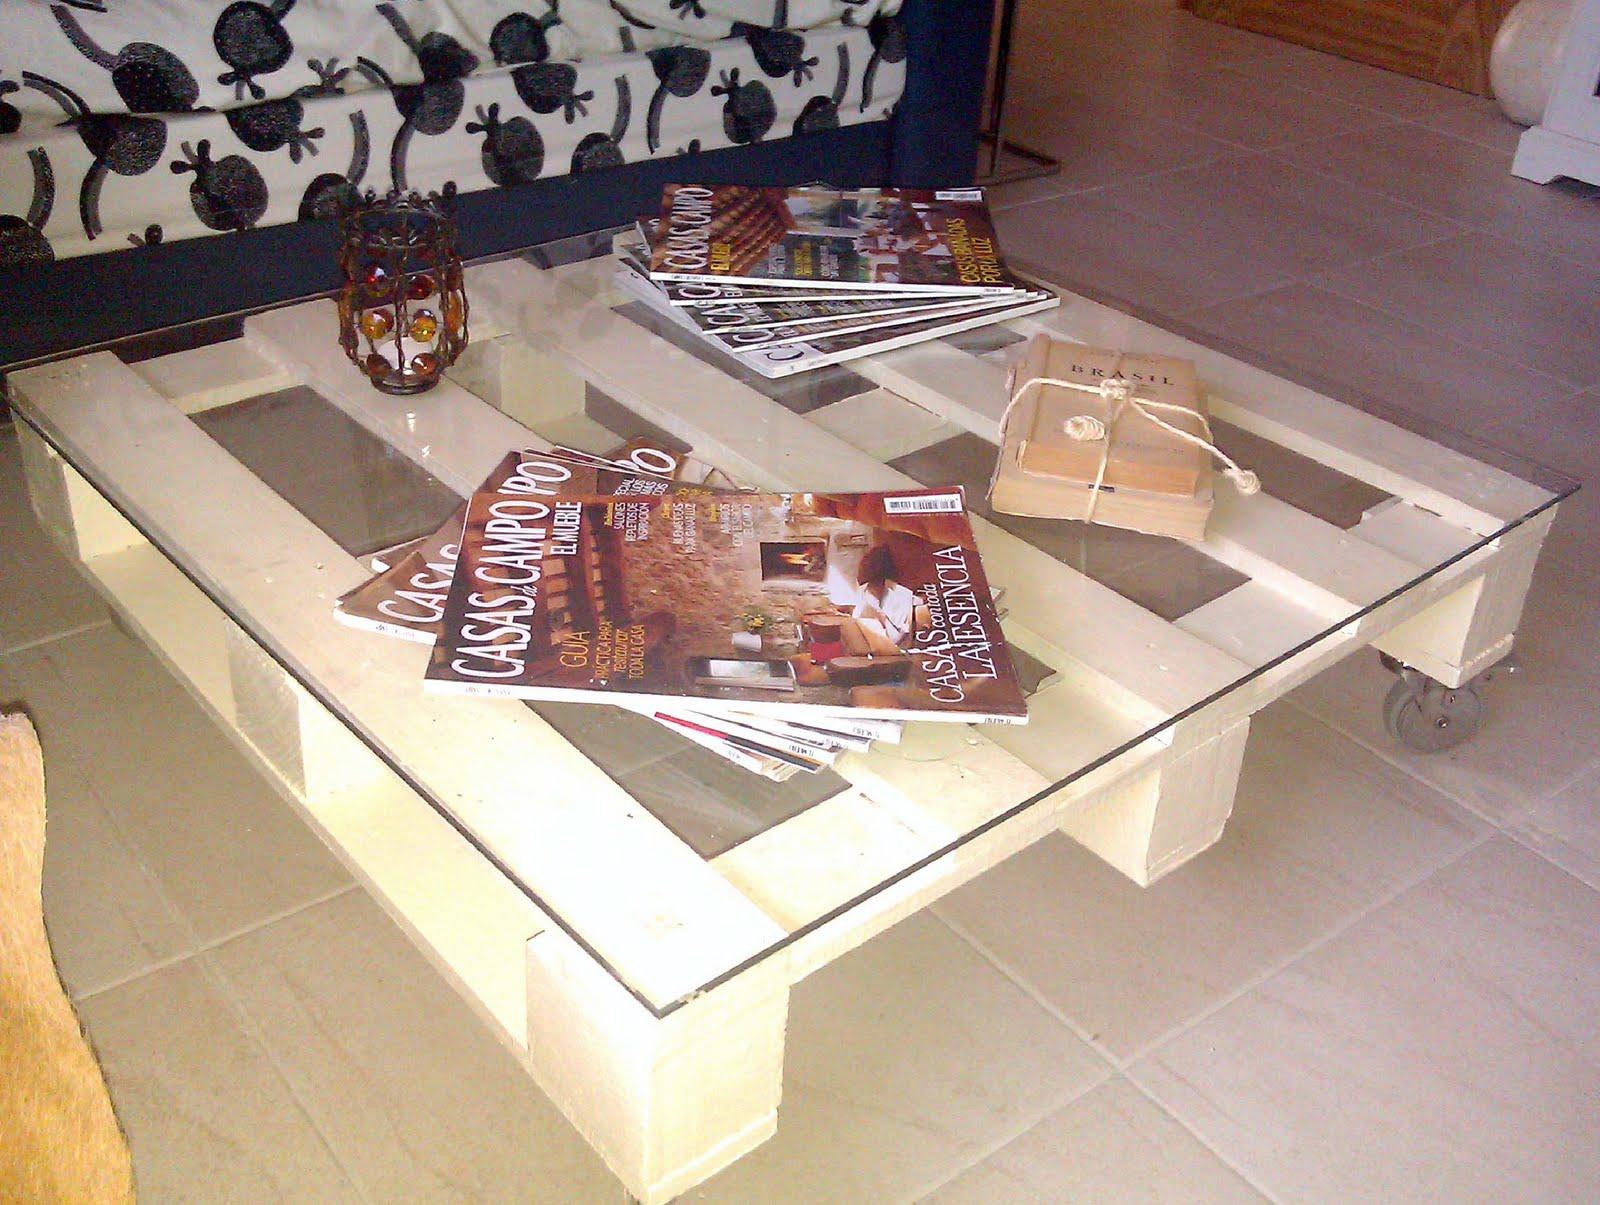 Muebles y objetos hechos con palets de madera - Muebles hechos con palets de madera ...